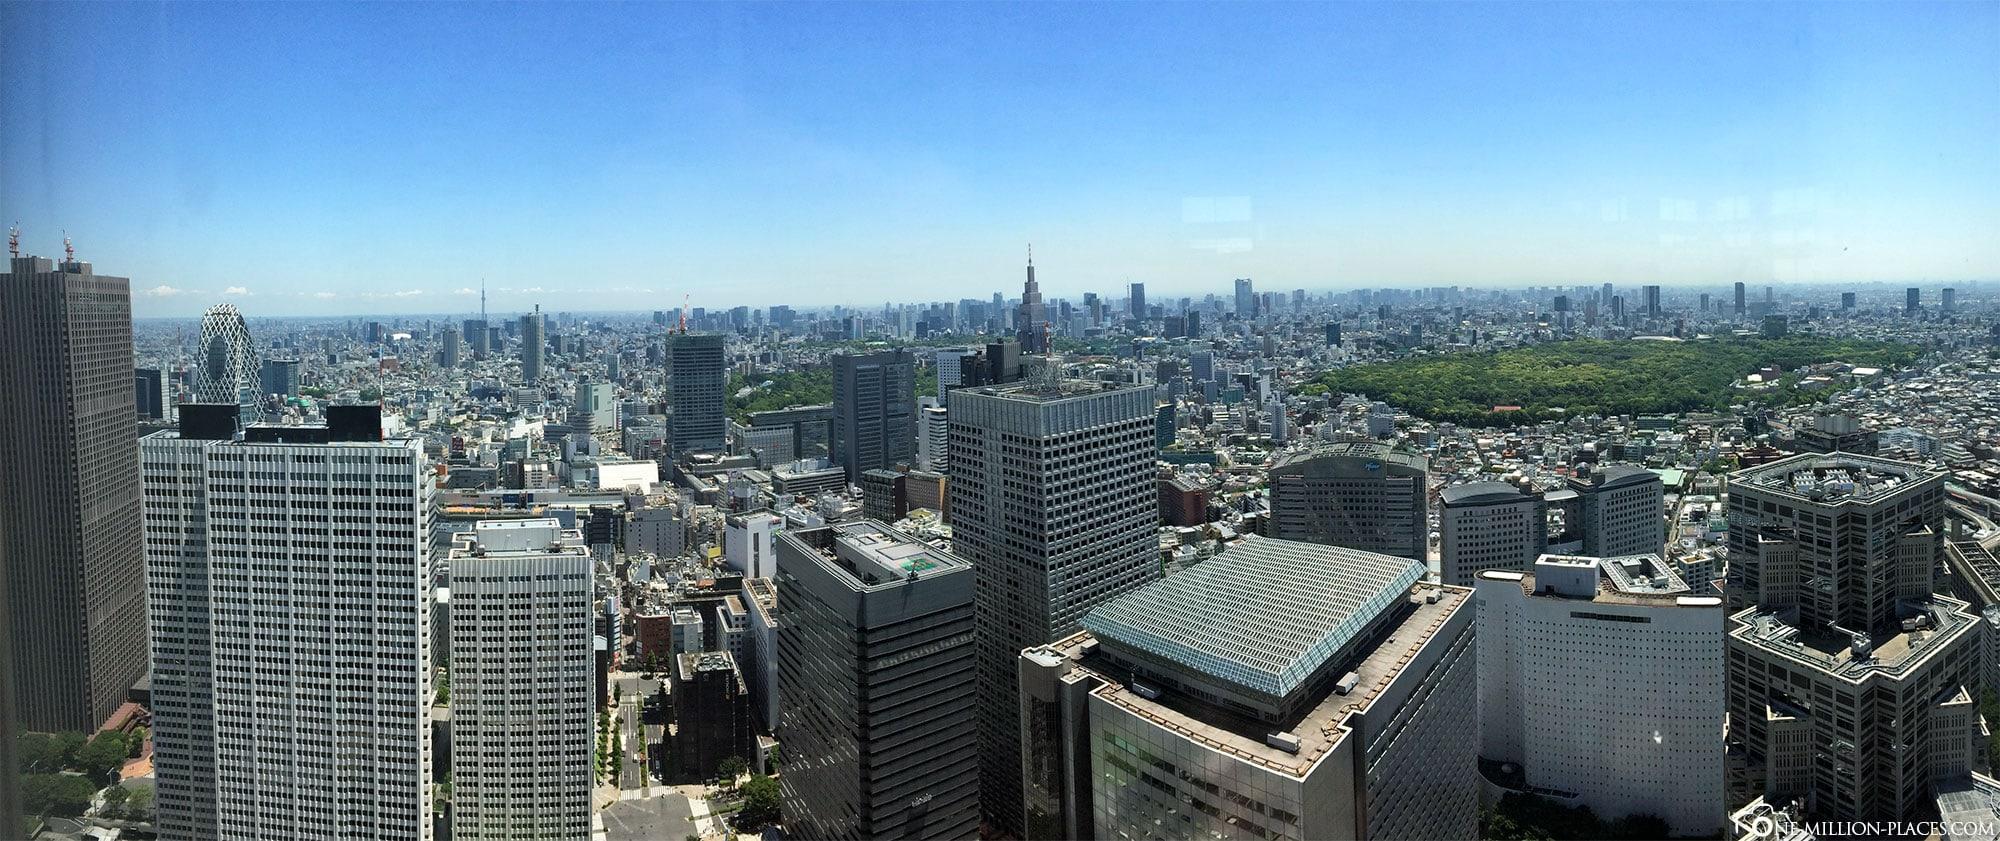 Panoramabild, Tokio, Japan, Sehenswürdigkeiten, Auf eigene Faust, Stadtbesichtigung, Reisebericht